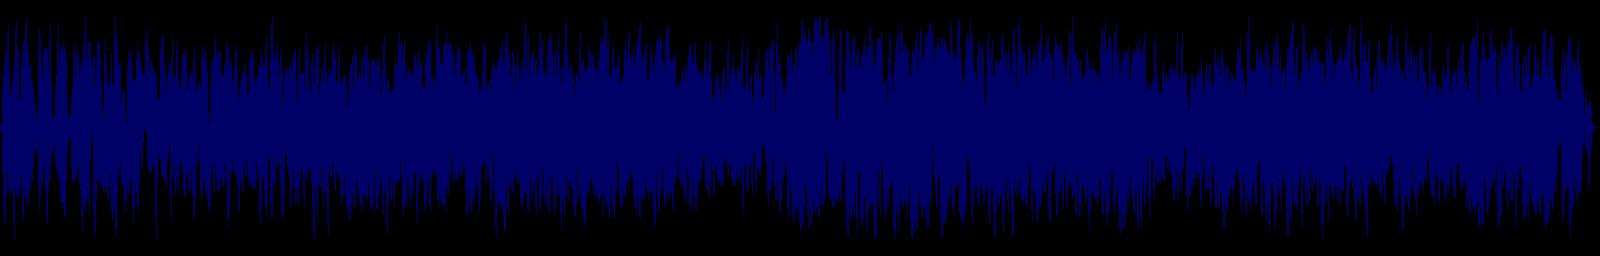 waveform of track #128700